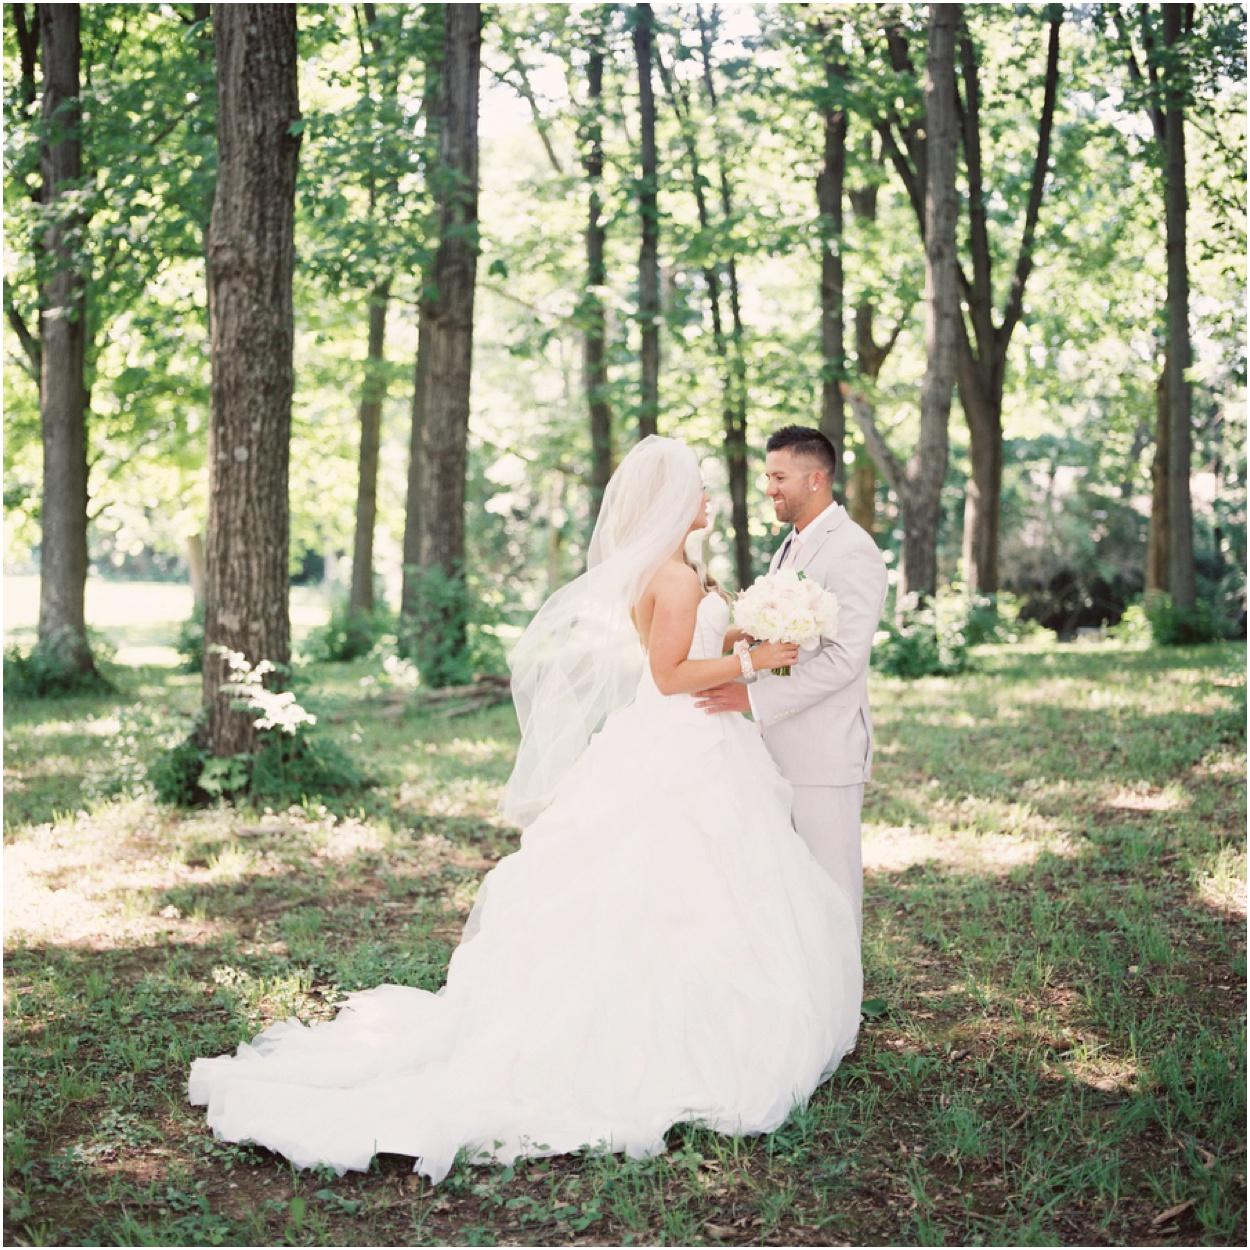 Colombus_Ohio_Film_Wedding_Photographer0010.jpg